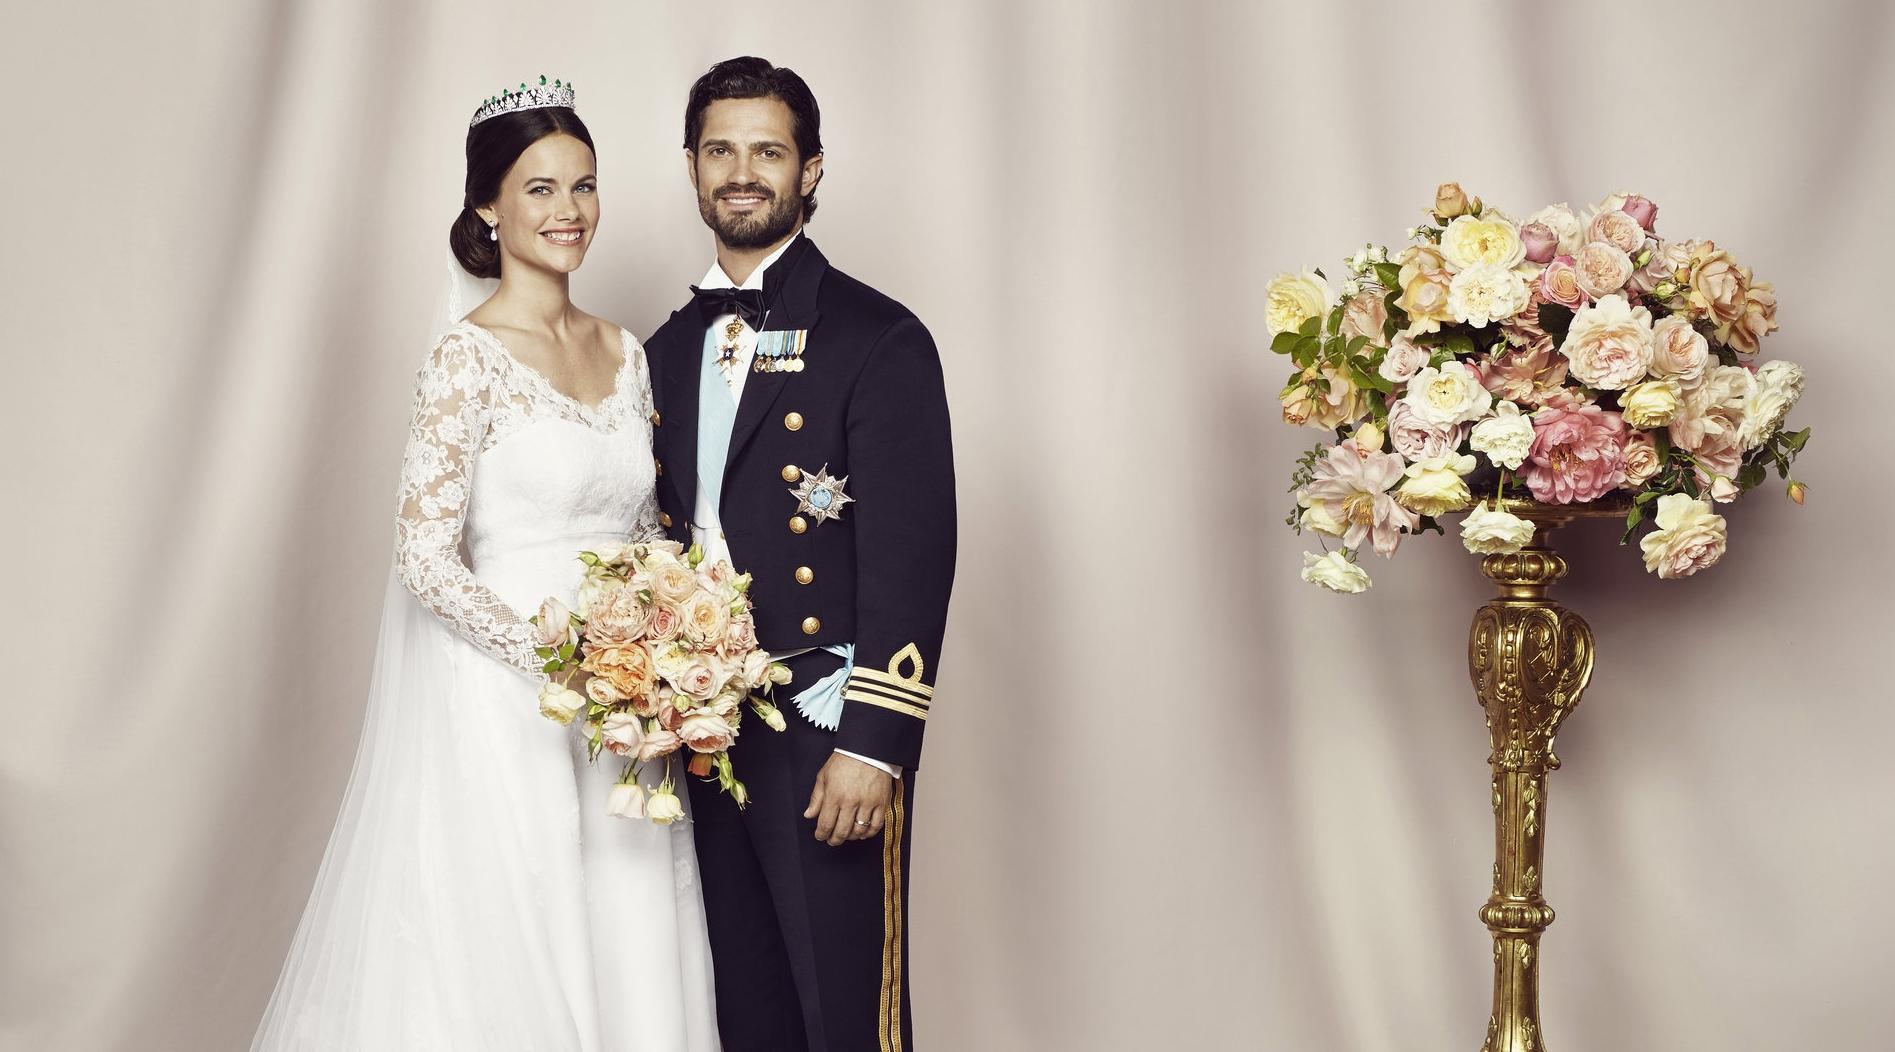 Am Ende hat die Liebe von Sofia und Carl Philip gesiegt Foto: Kungahuset, Mattias Edwall